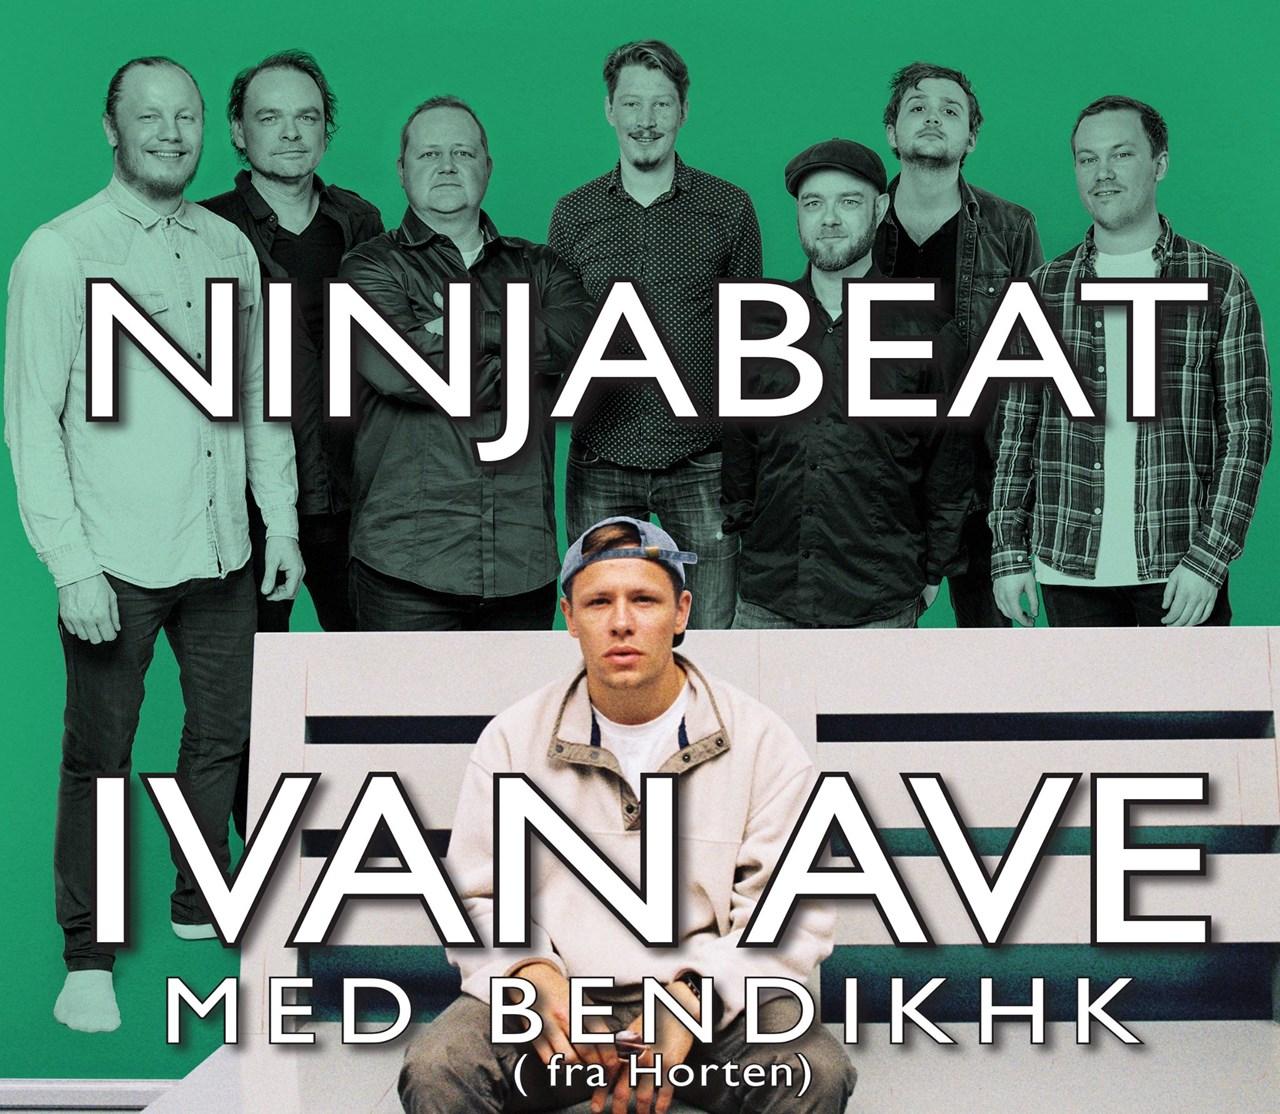 Ivan Ave med BendikHK - Ninjabeat. Dobbeltkonsert